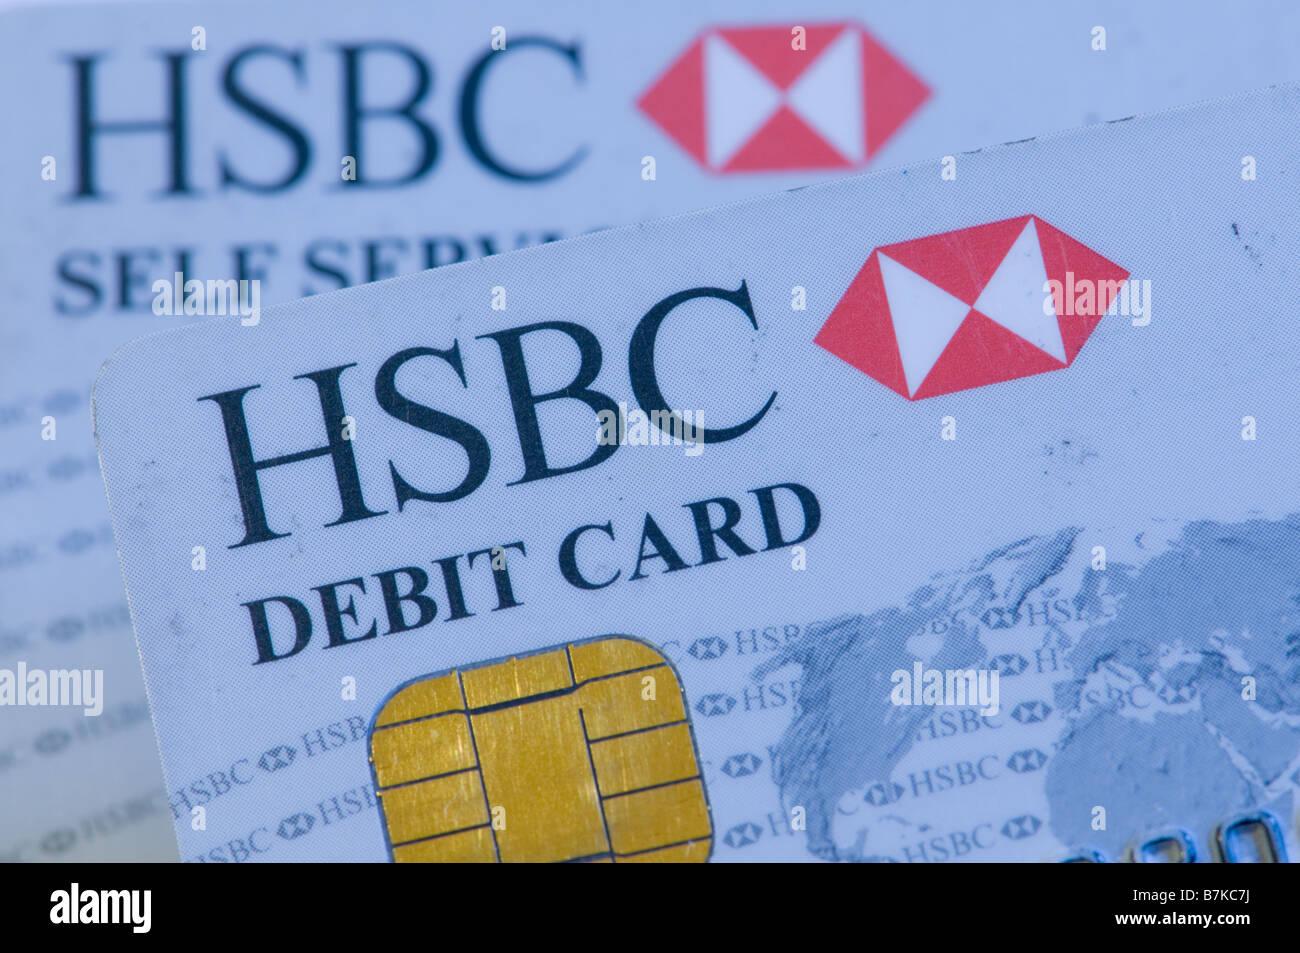 Hsbc Immagini & Hsbc Fotos Stock - Alamy